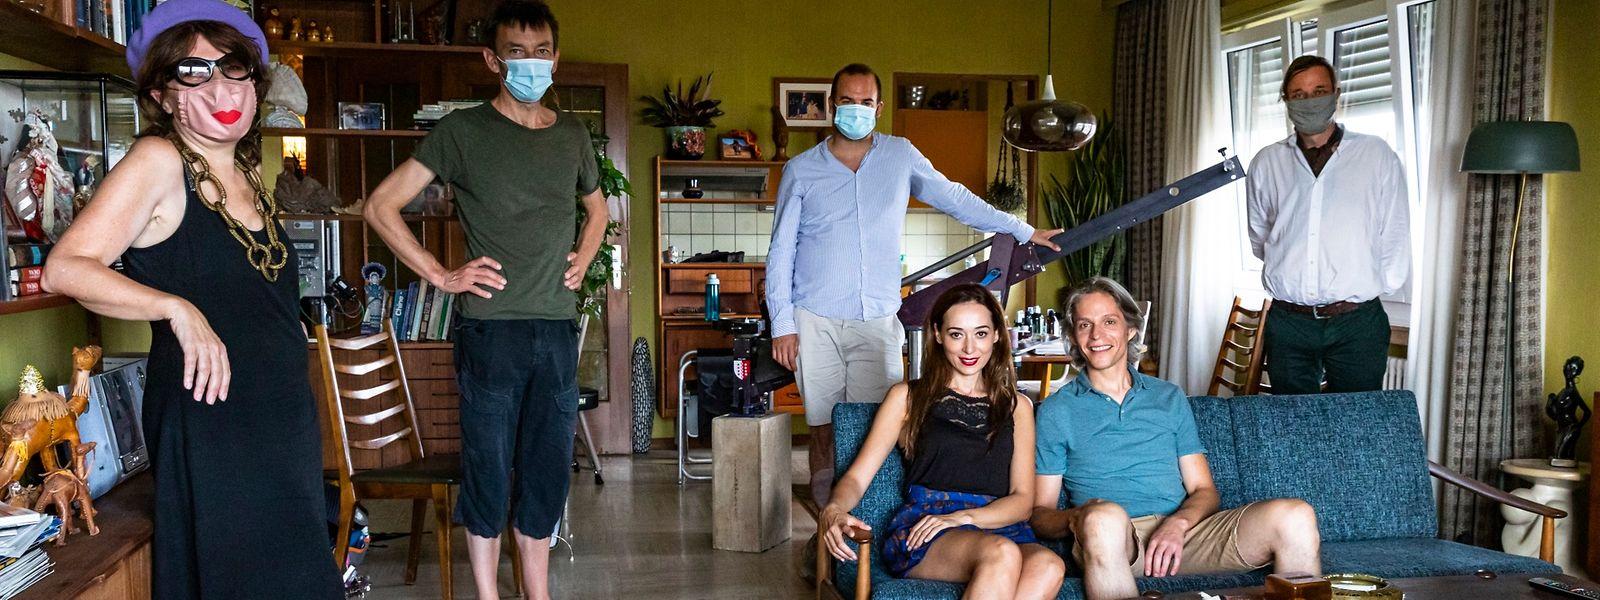 Assis sur le canapé, les acteurs Pooneh Hajimohammadi et Felipe Castro («Une histoire provisoire», coproduit par Amour Fou Films) sont les seuls à ne pas devoir porter de masque. Photo: Ricardo Vaz Palma